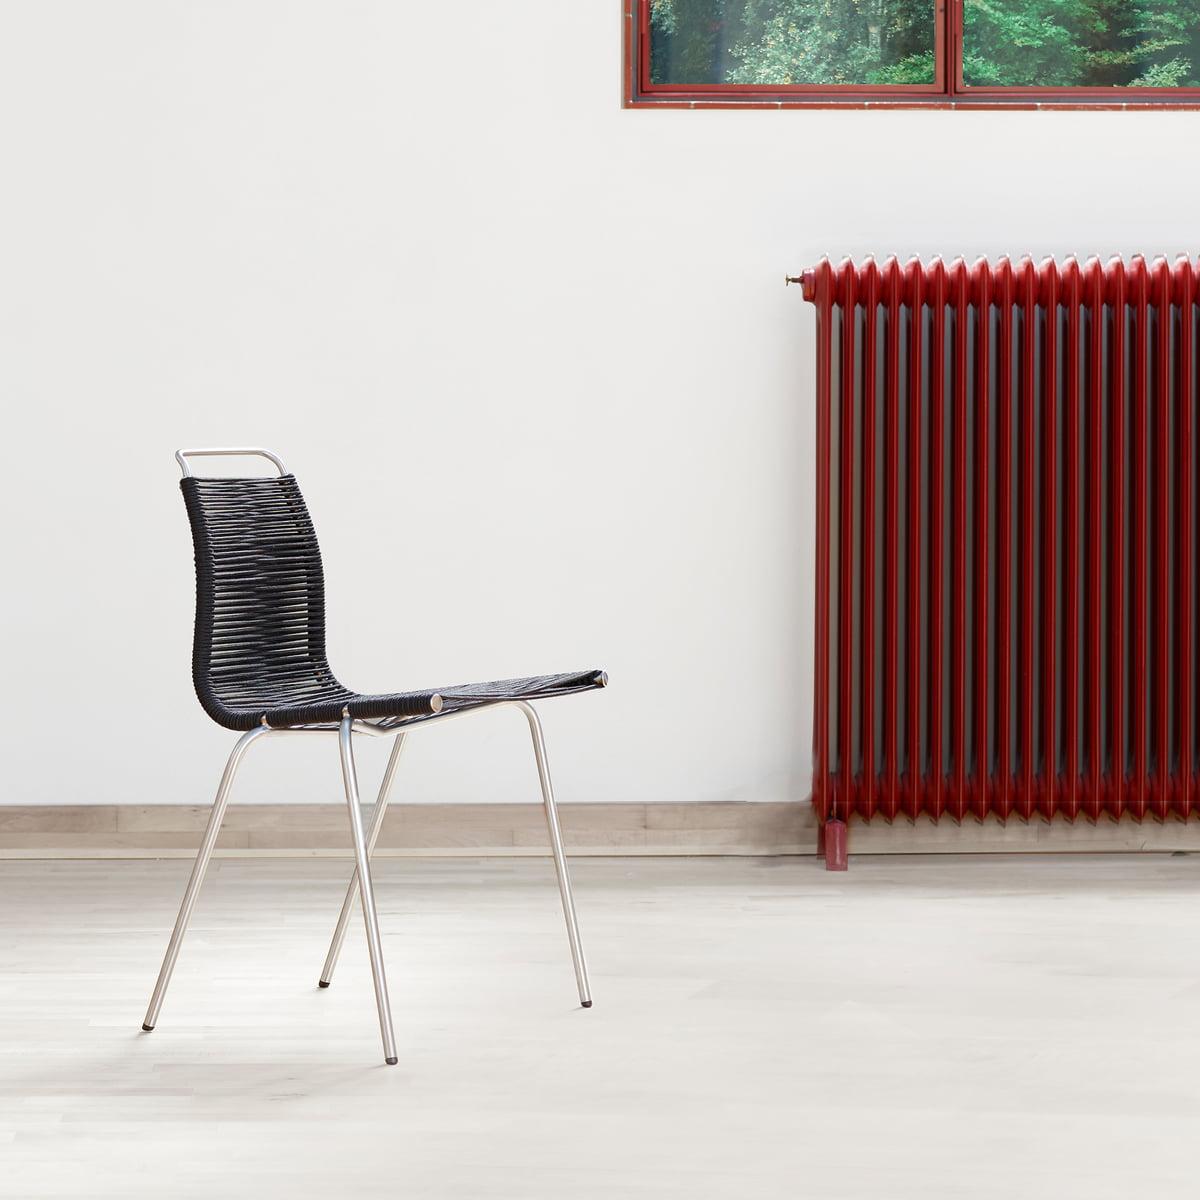 Carl Hansen – PK1 spisebordsstol, forkromet stålflagline i natur (filtpuder)